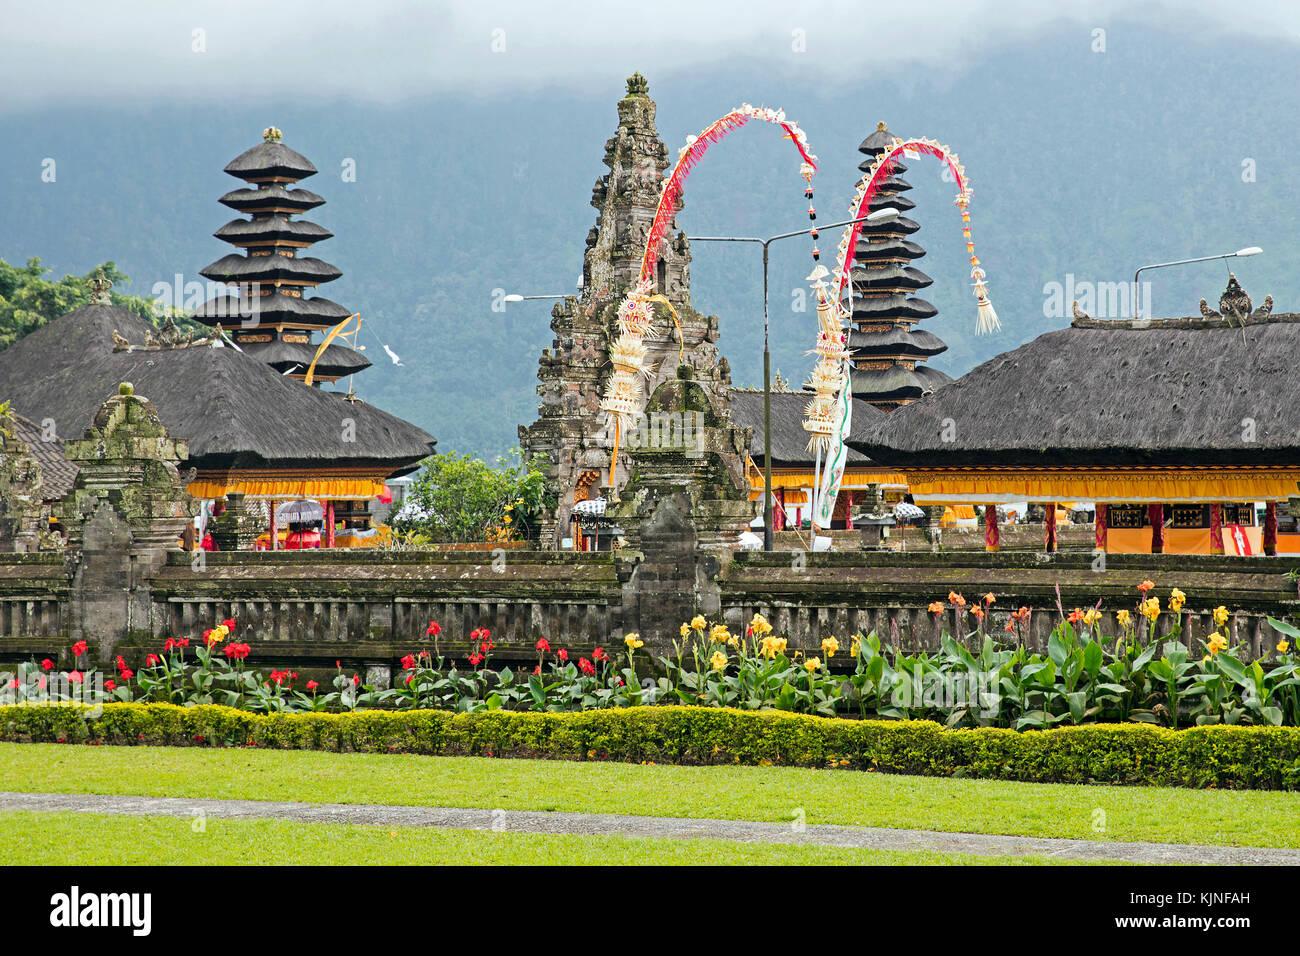 Pura Ulun Danu Beratan / Pura Bratan, Shaivite water temple on the shores of Lake Bratan near Bedugul, Bali, Indonesia - Stock Image